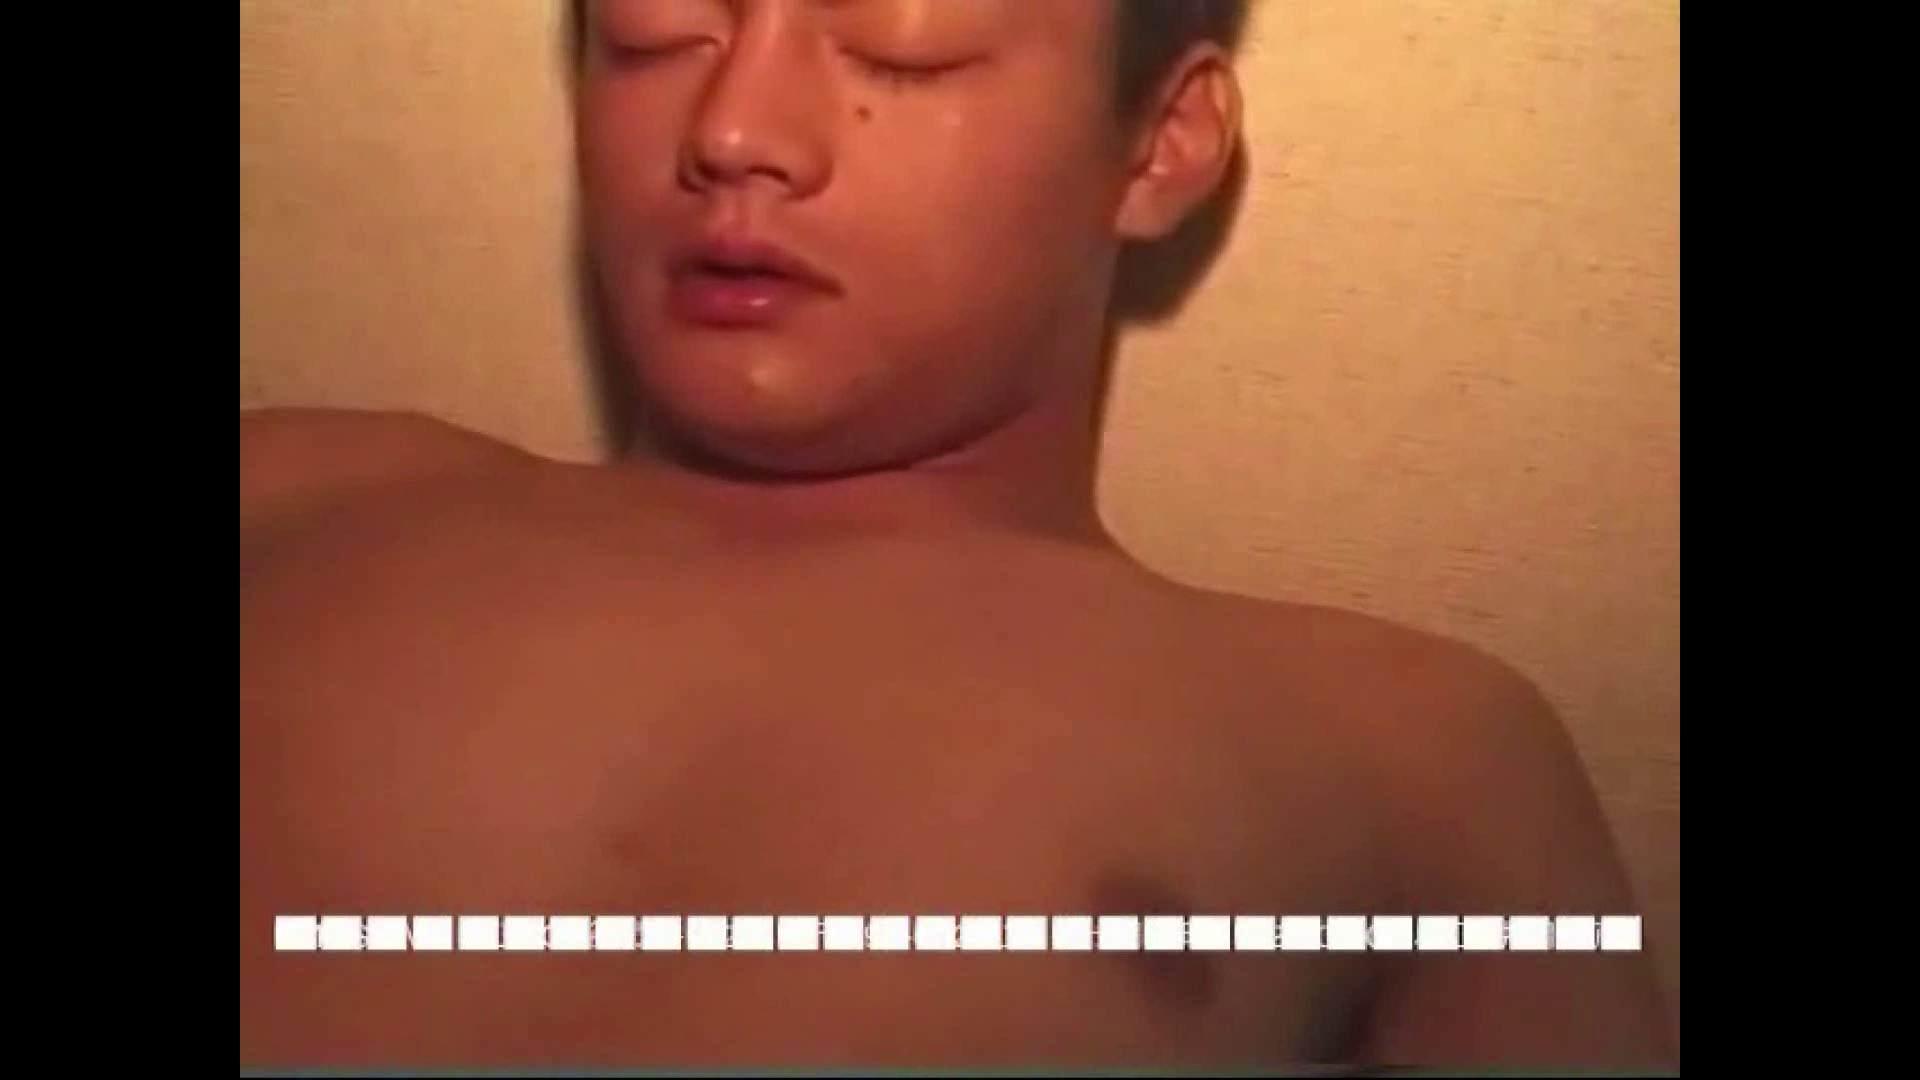 オナれ!集まれ!イケてるメンズ達!!File.31 ガチムチマッチョ系男子 ゲイエロ画像 74枚 11